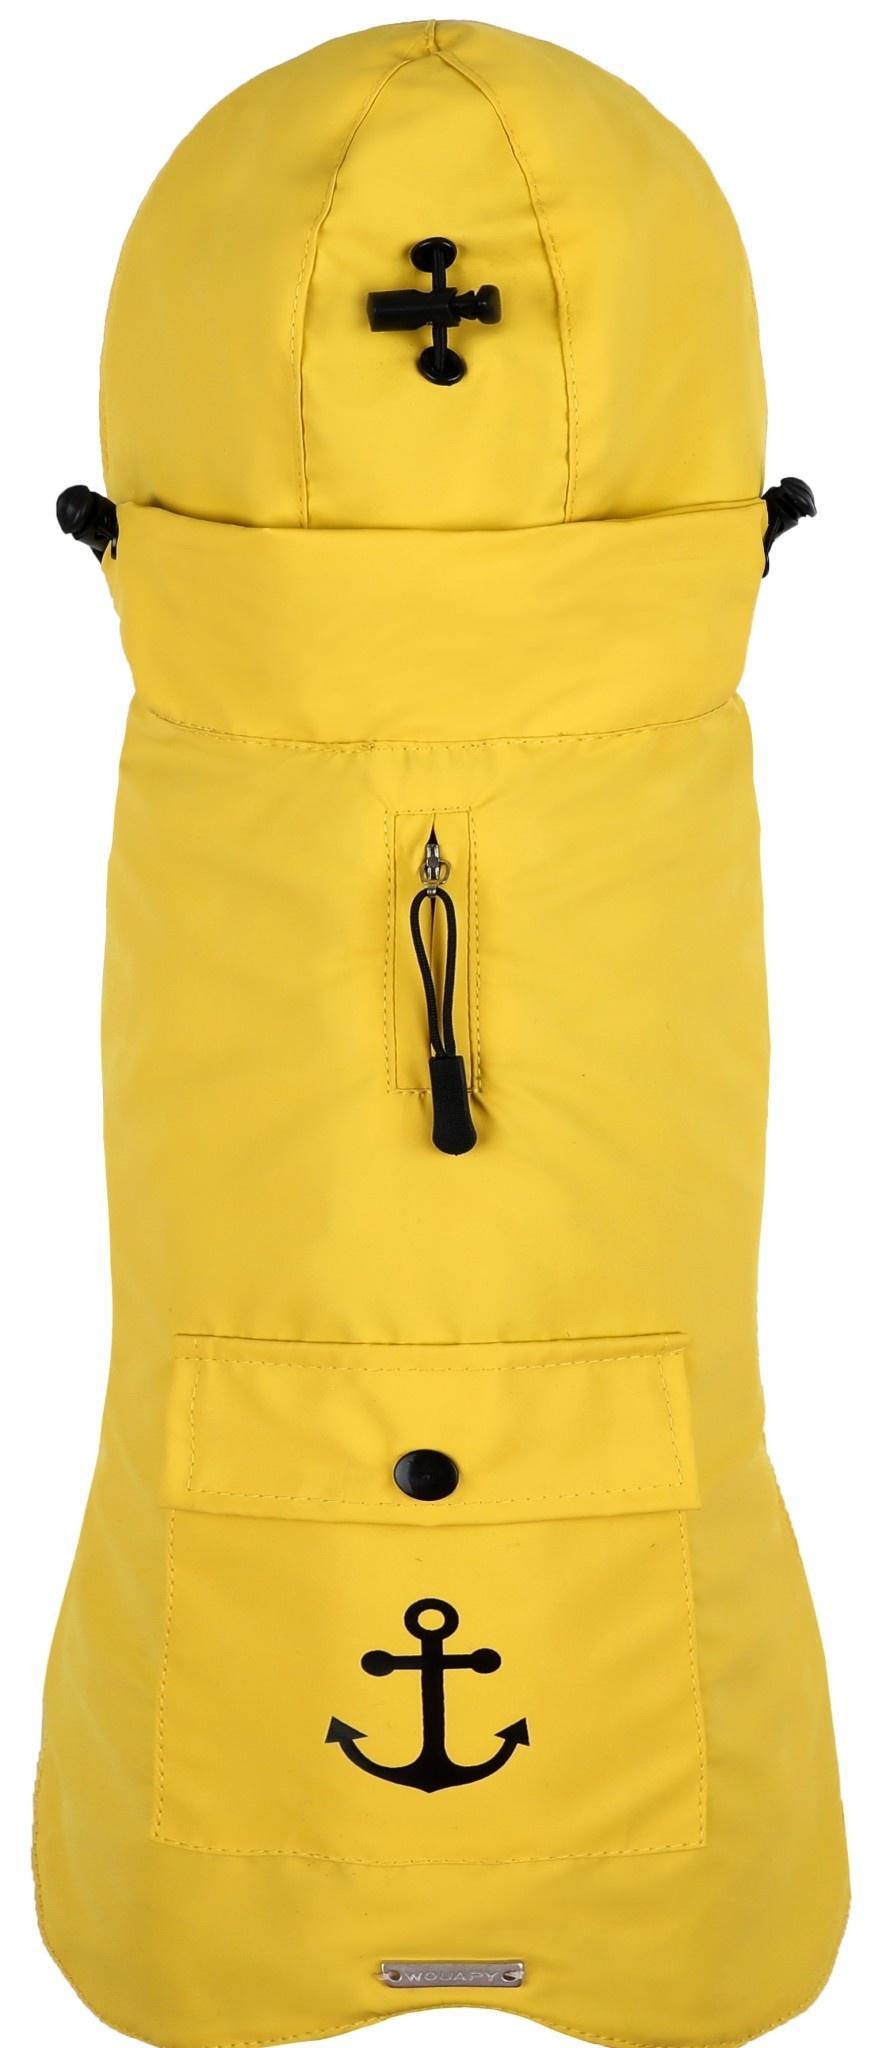 wouapy oilskin ciré yellow